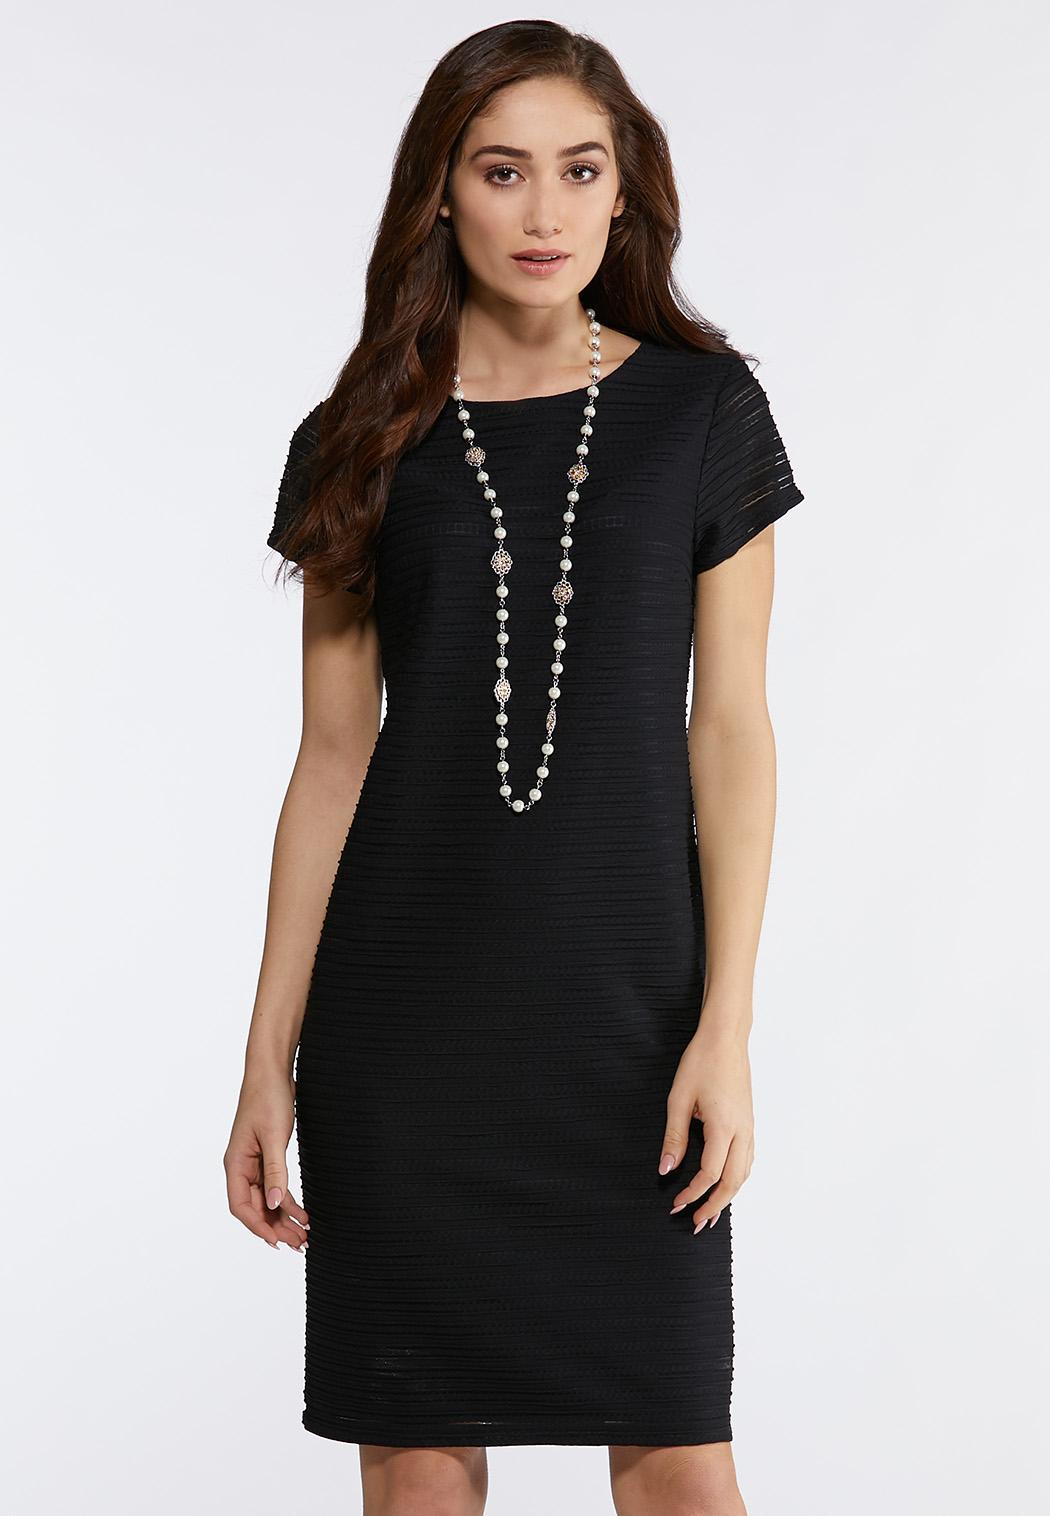 Plus Size Solid Textured Midi Dress Midi Cato Fashions